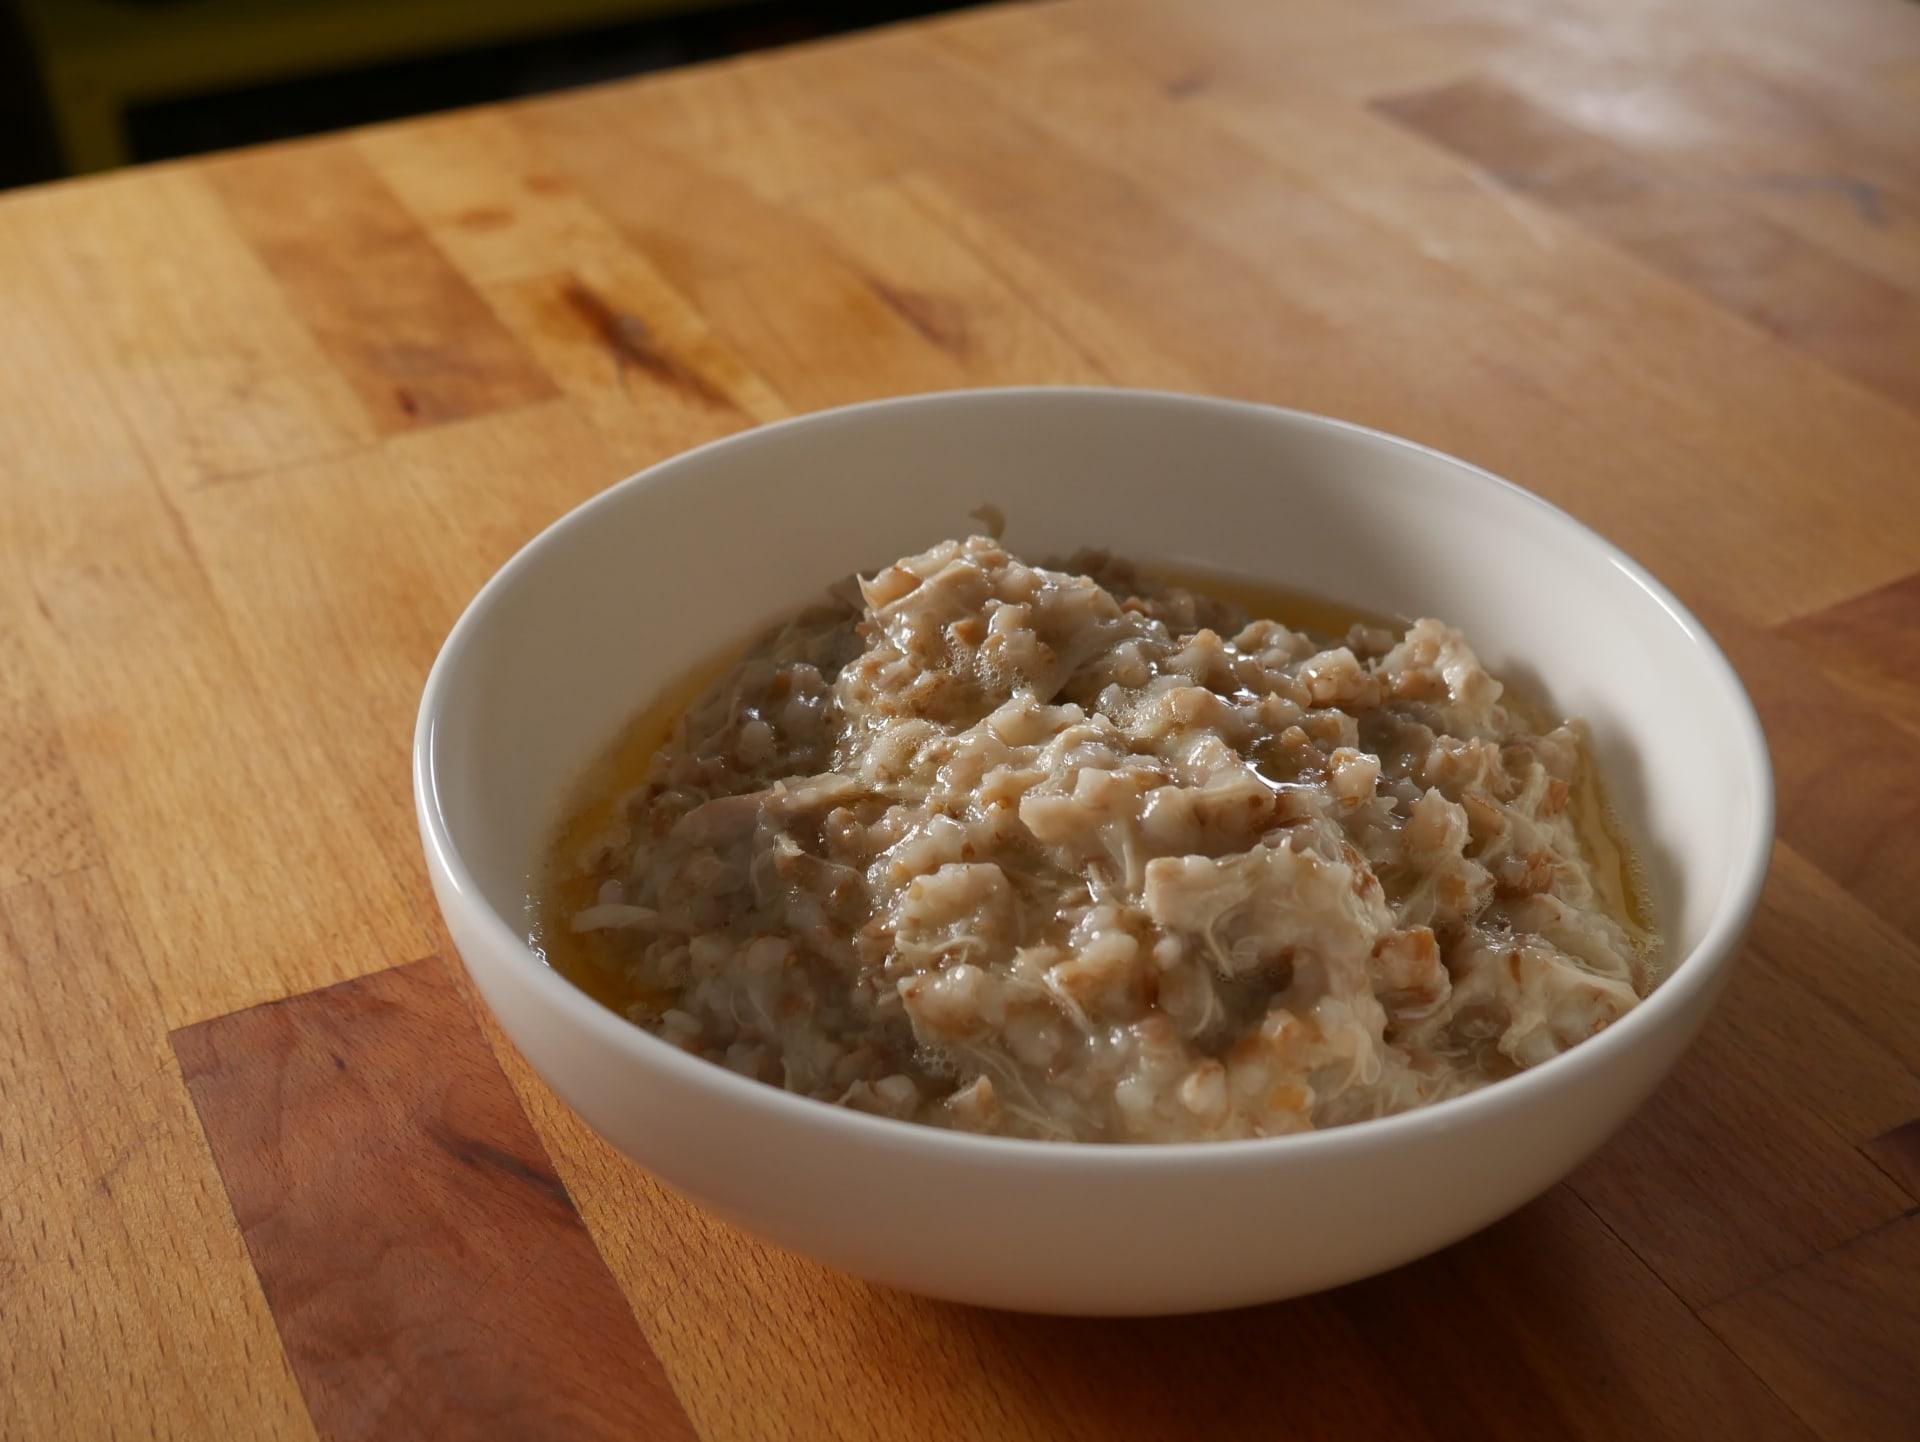 سواءً كان بالدجاج أو اللحم.. لا تفارق وجبة الهريس الشهية الموائد بسلطنة عُمان برمضان